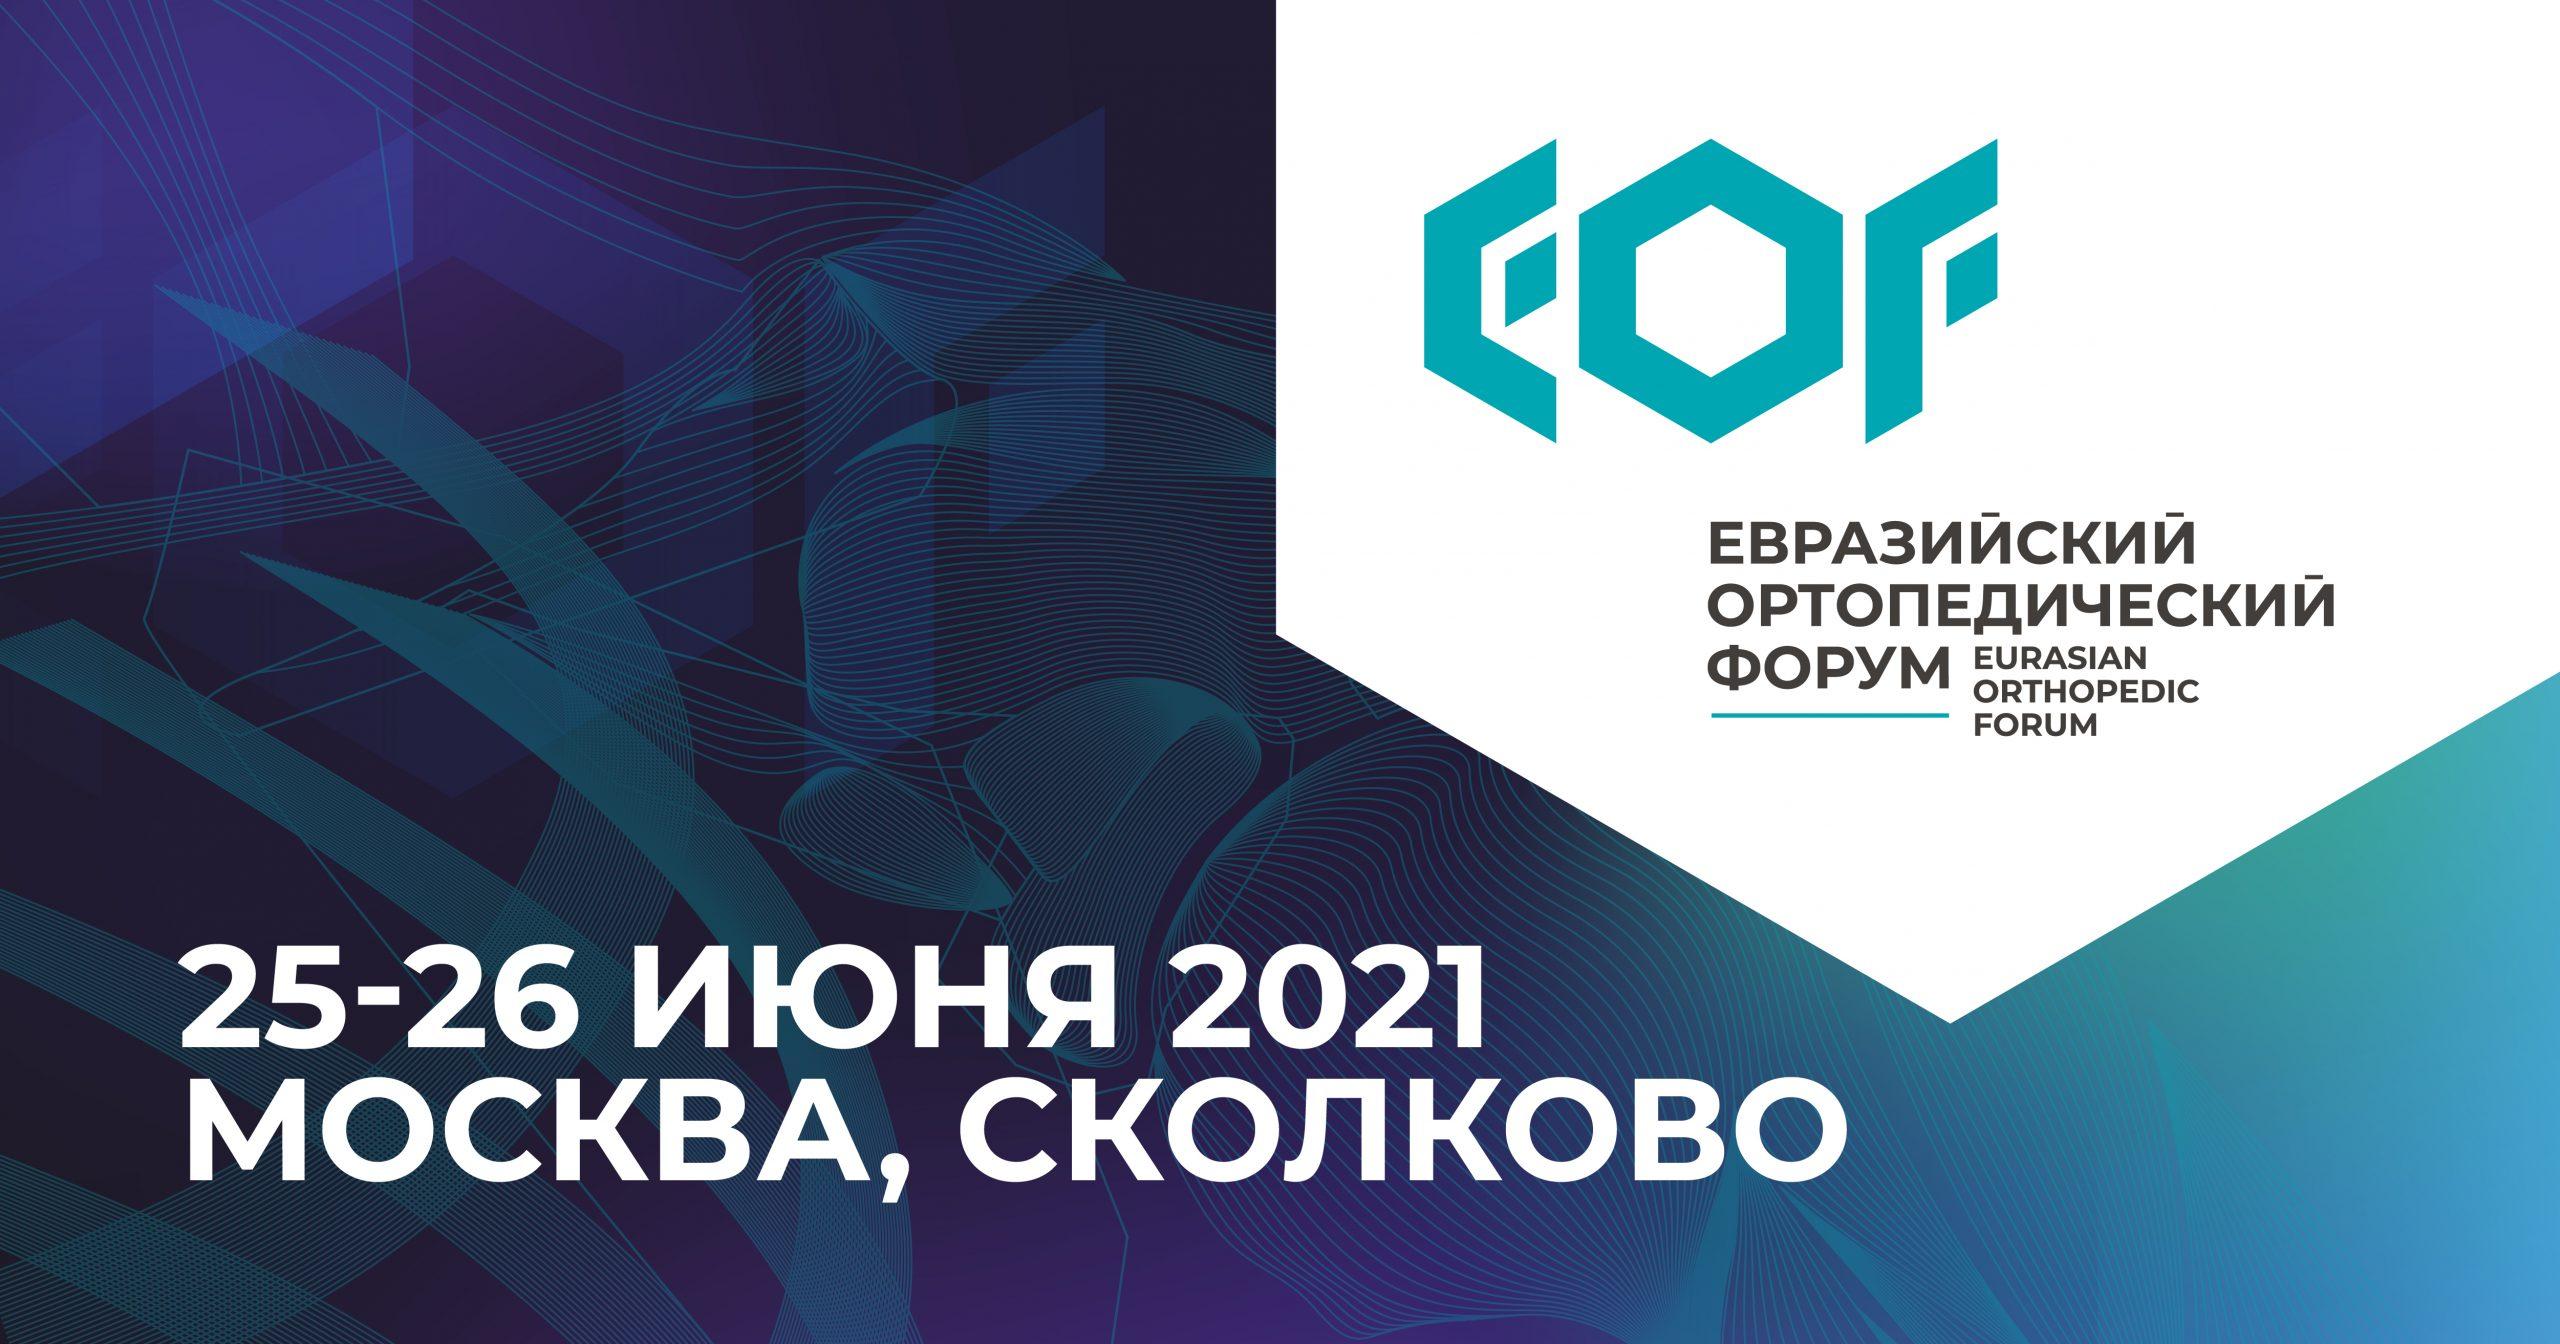 В России в третий раз пройдет Евразийский ортопедический форум